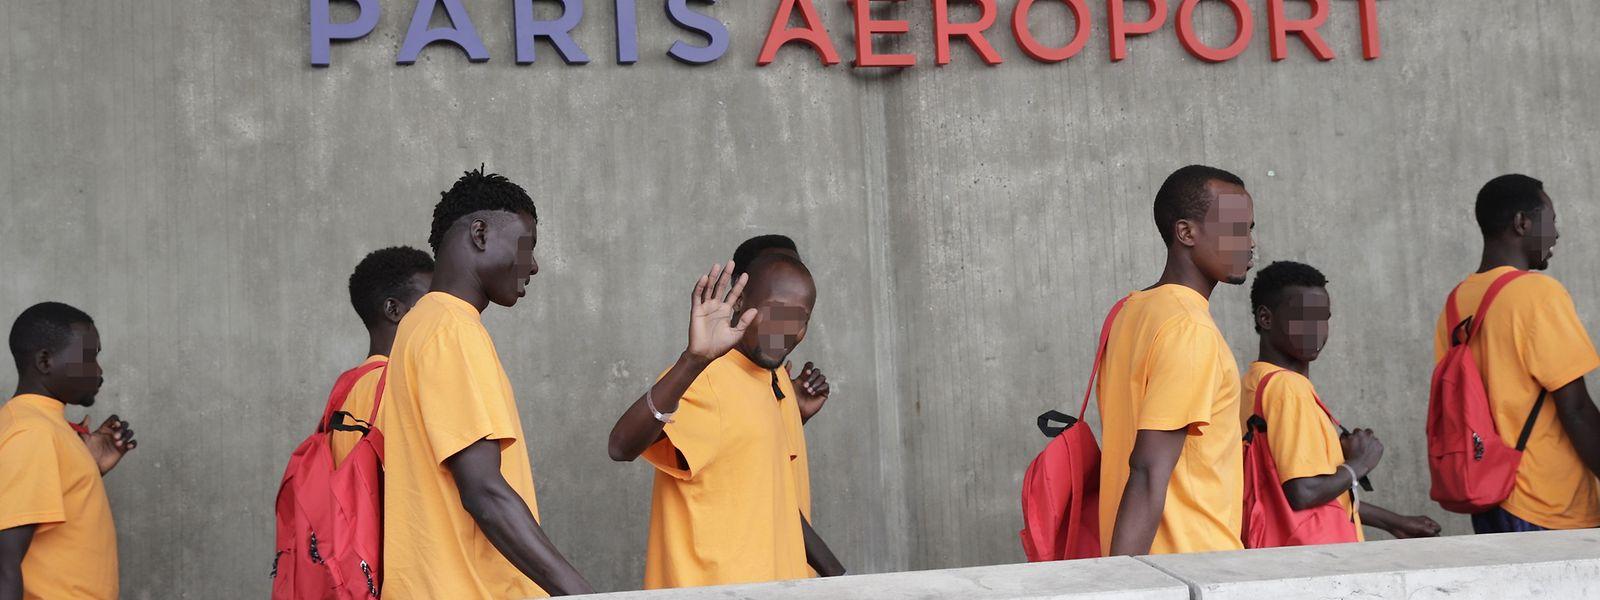 Die ersten 52 der Lifeline-Passagiere haben Frankreich erreicht.